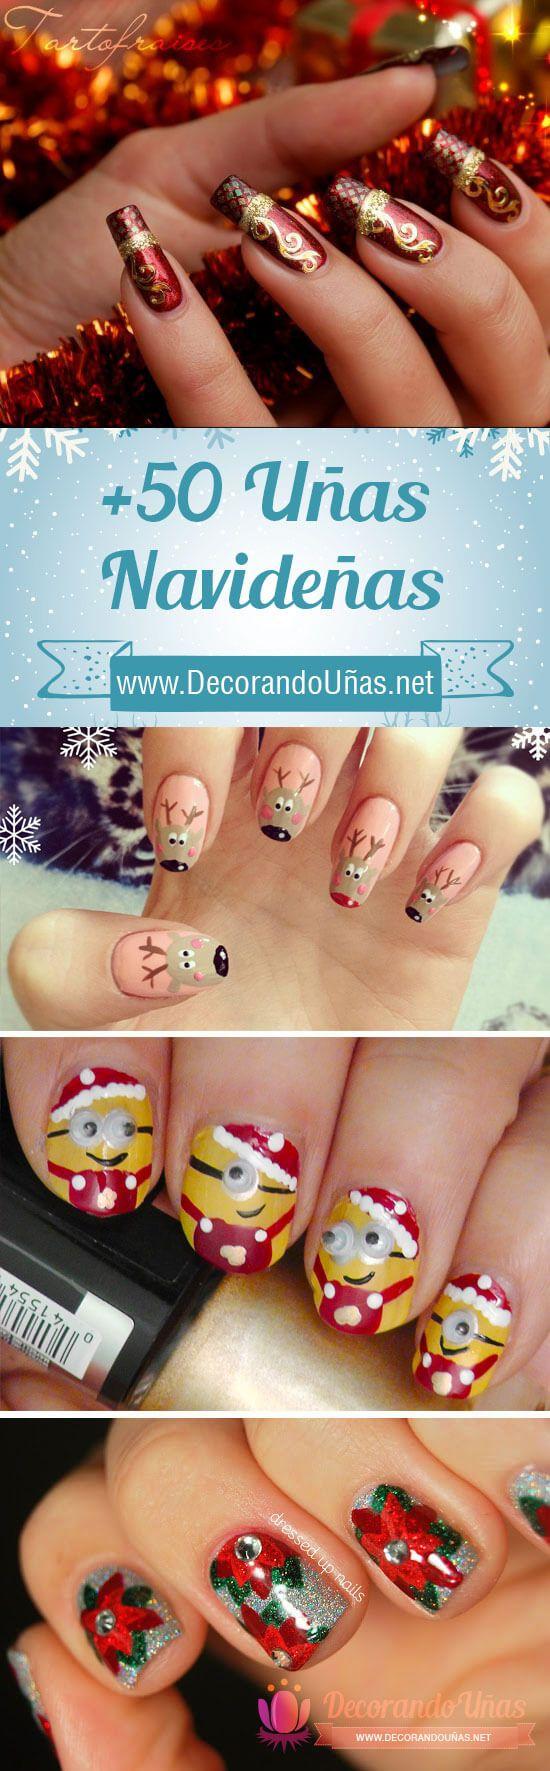 Uñas de Navidad – 50 excelentes ideas | Decoración de Uñas - Nail Art - Uñas decoradas